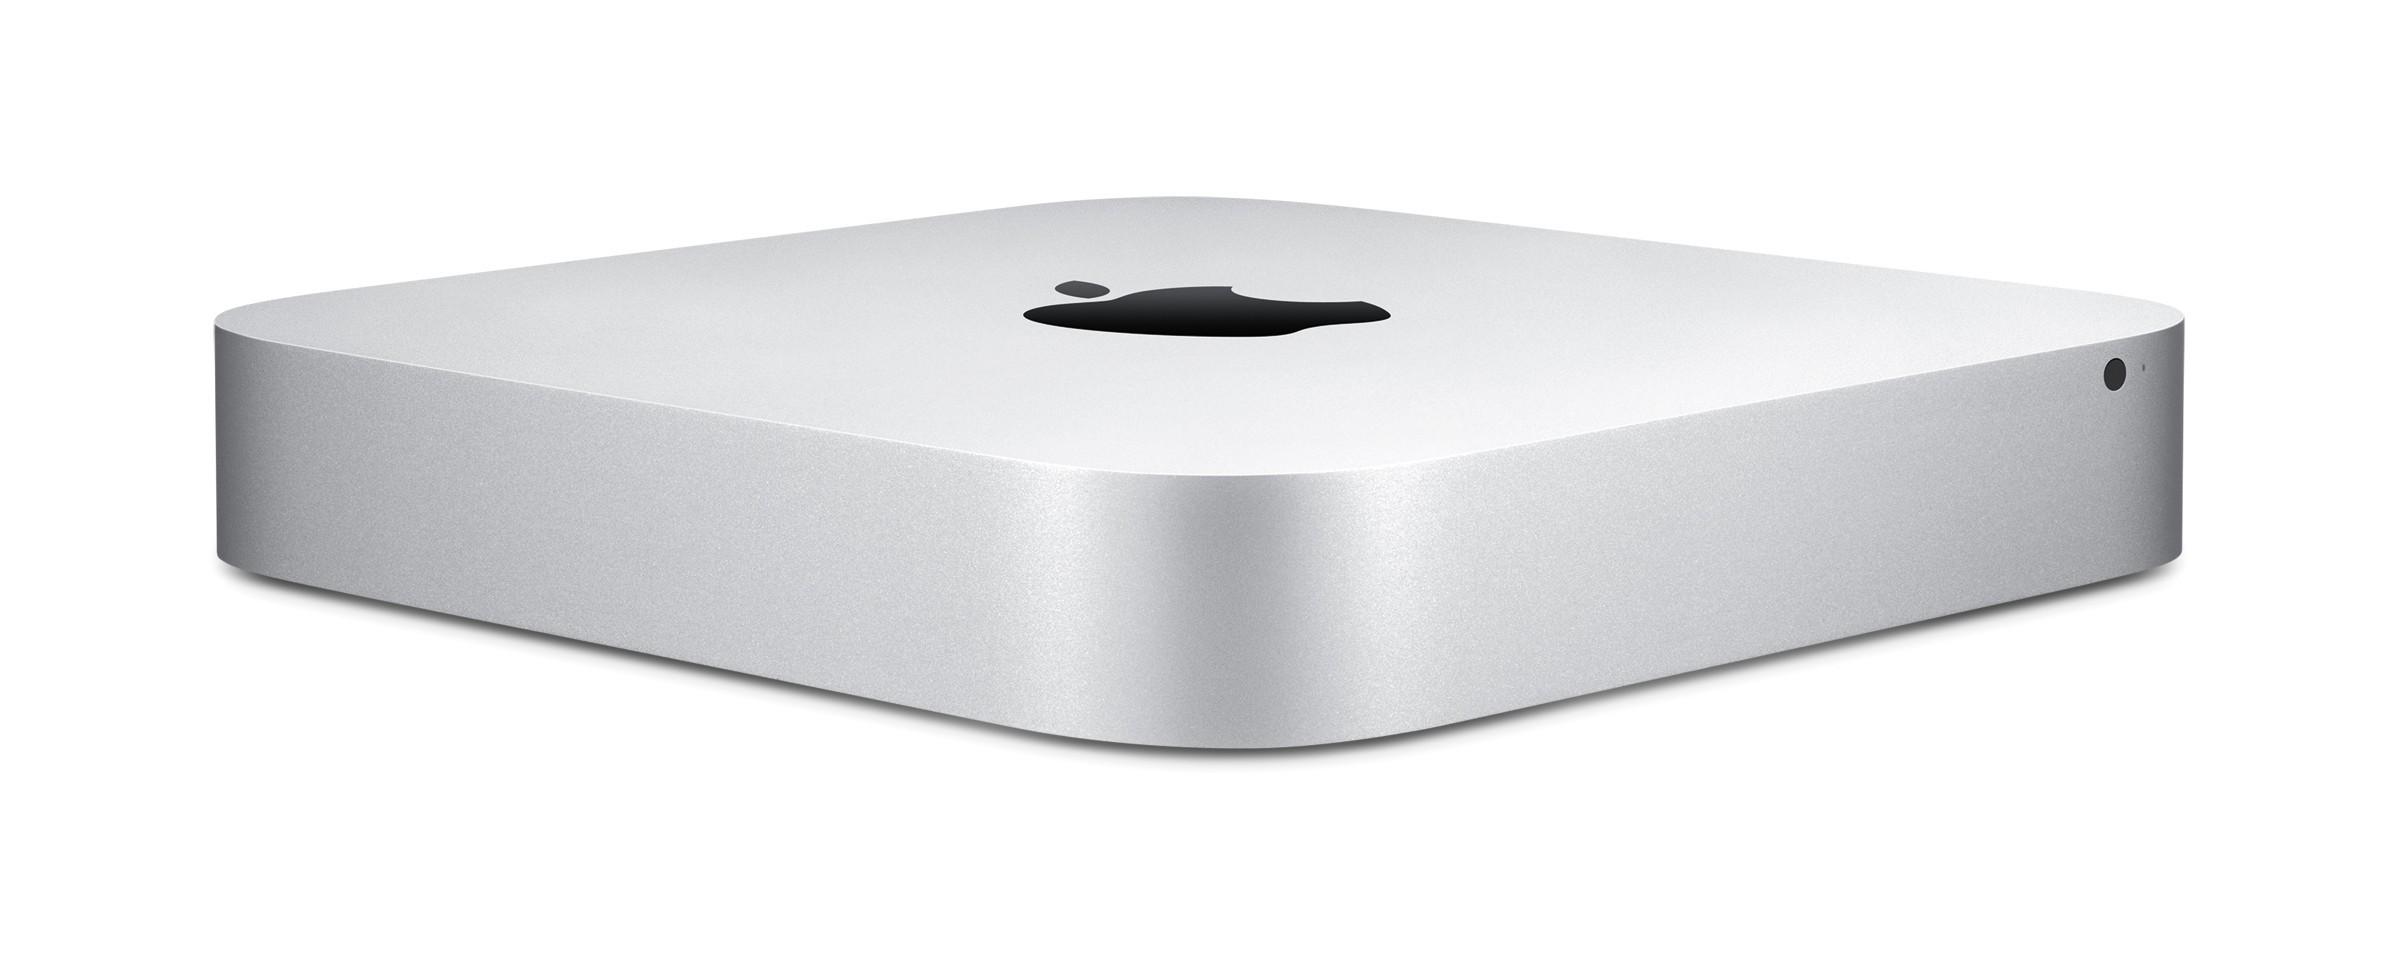 1.4GHz Mac mini